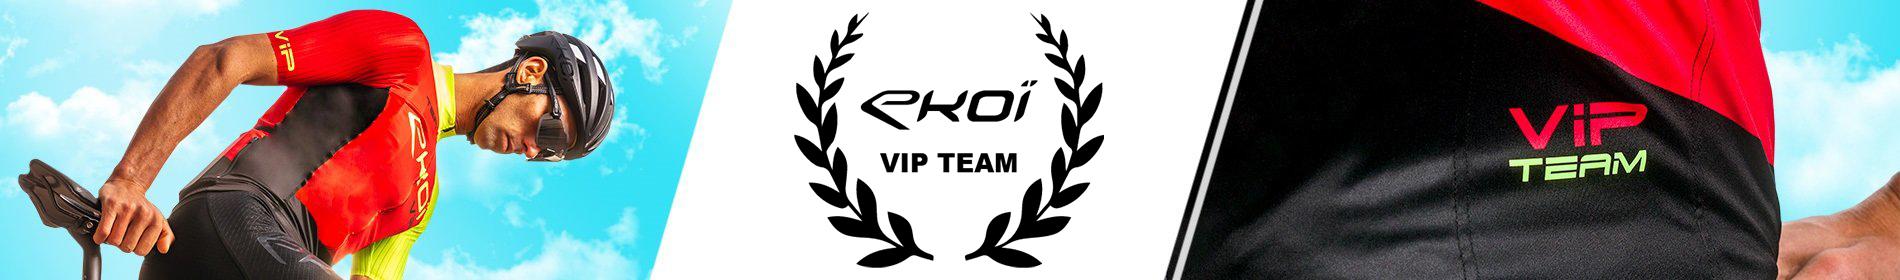 VIP Club Ekoï